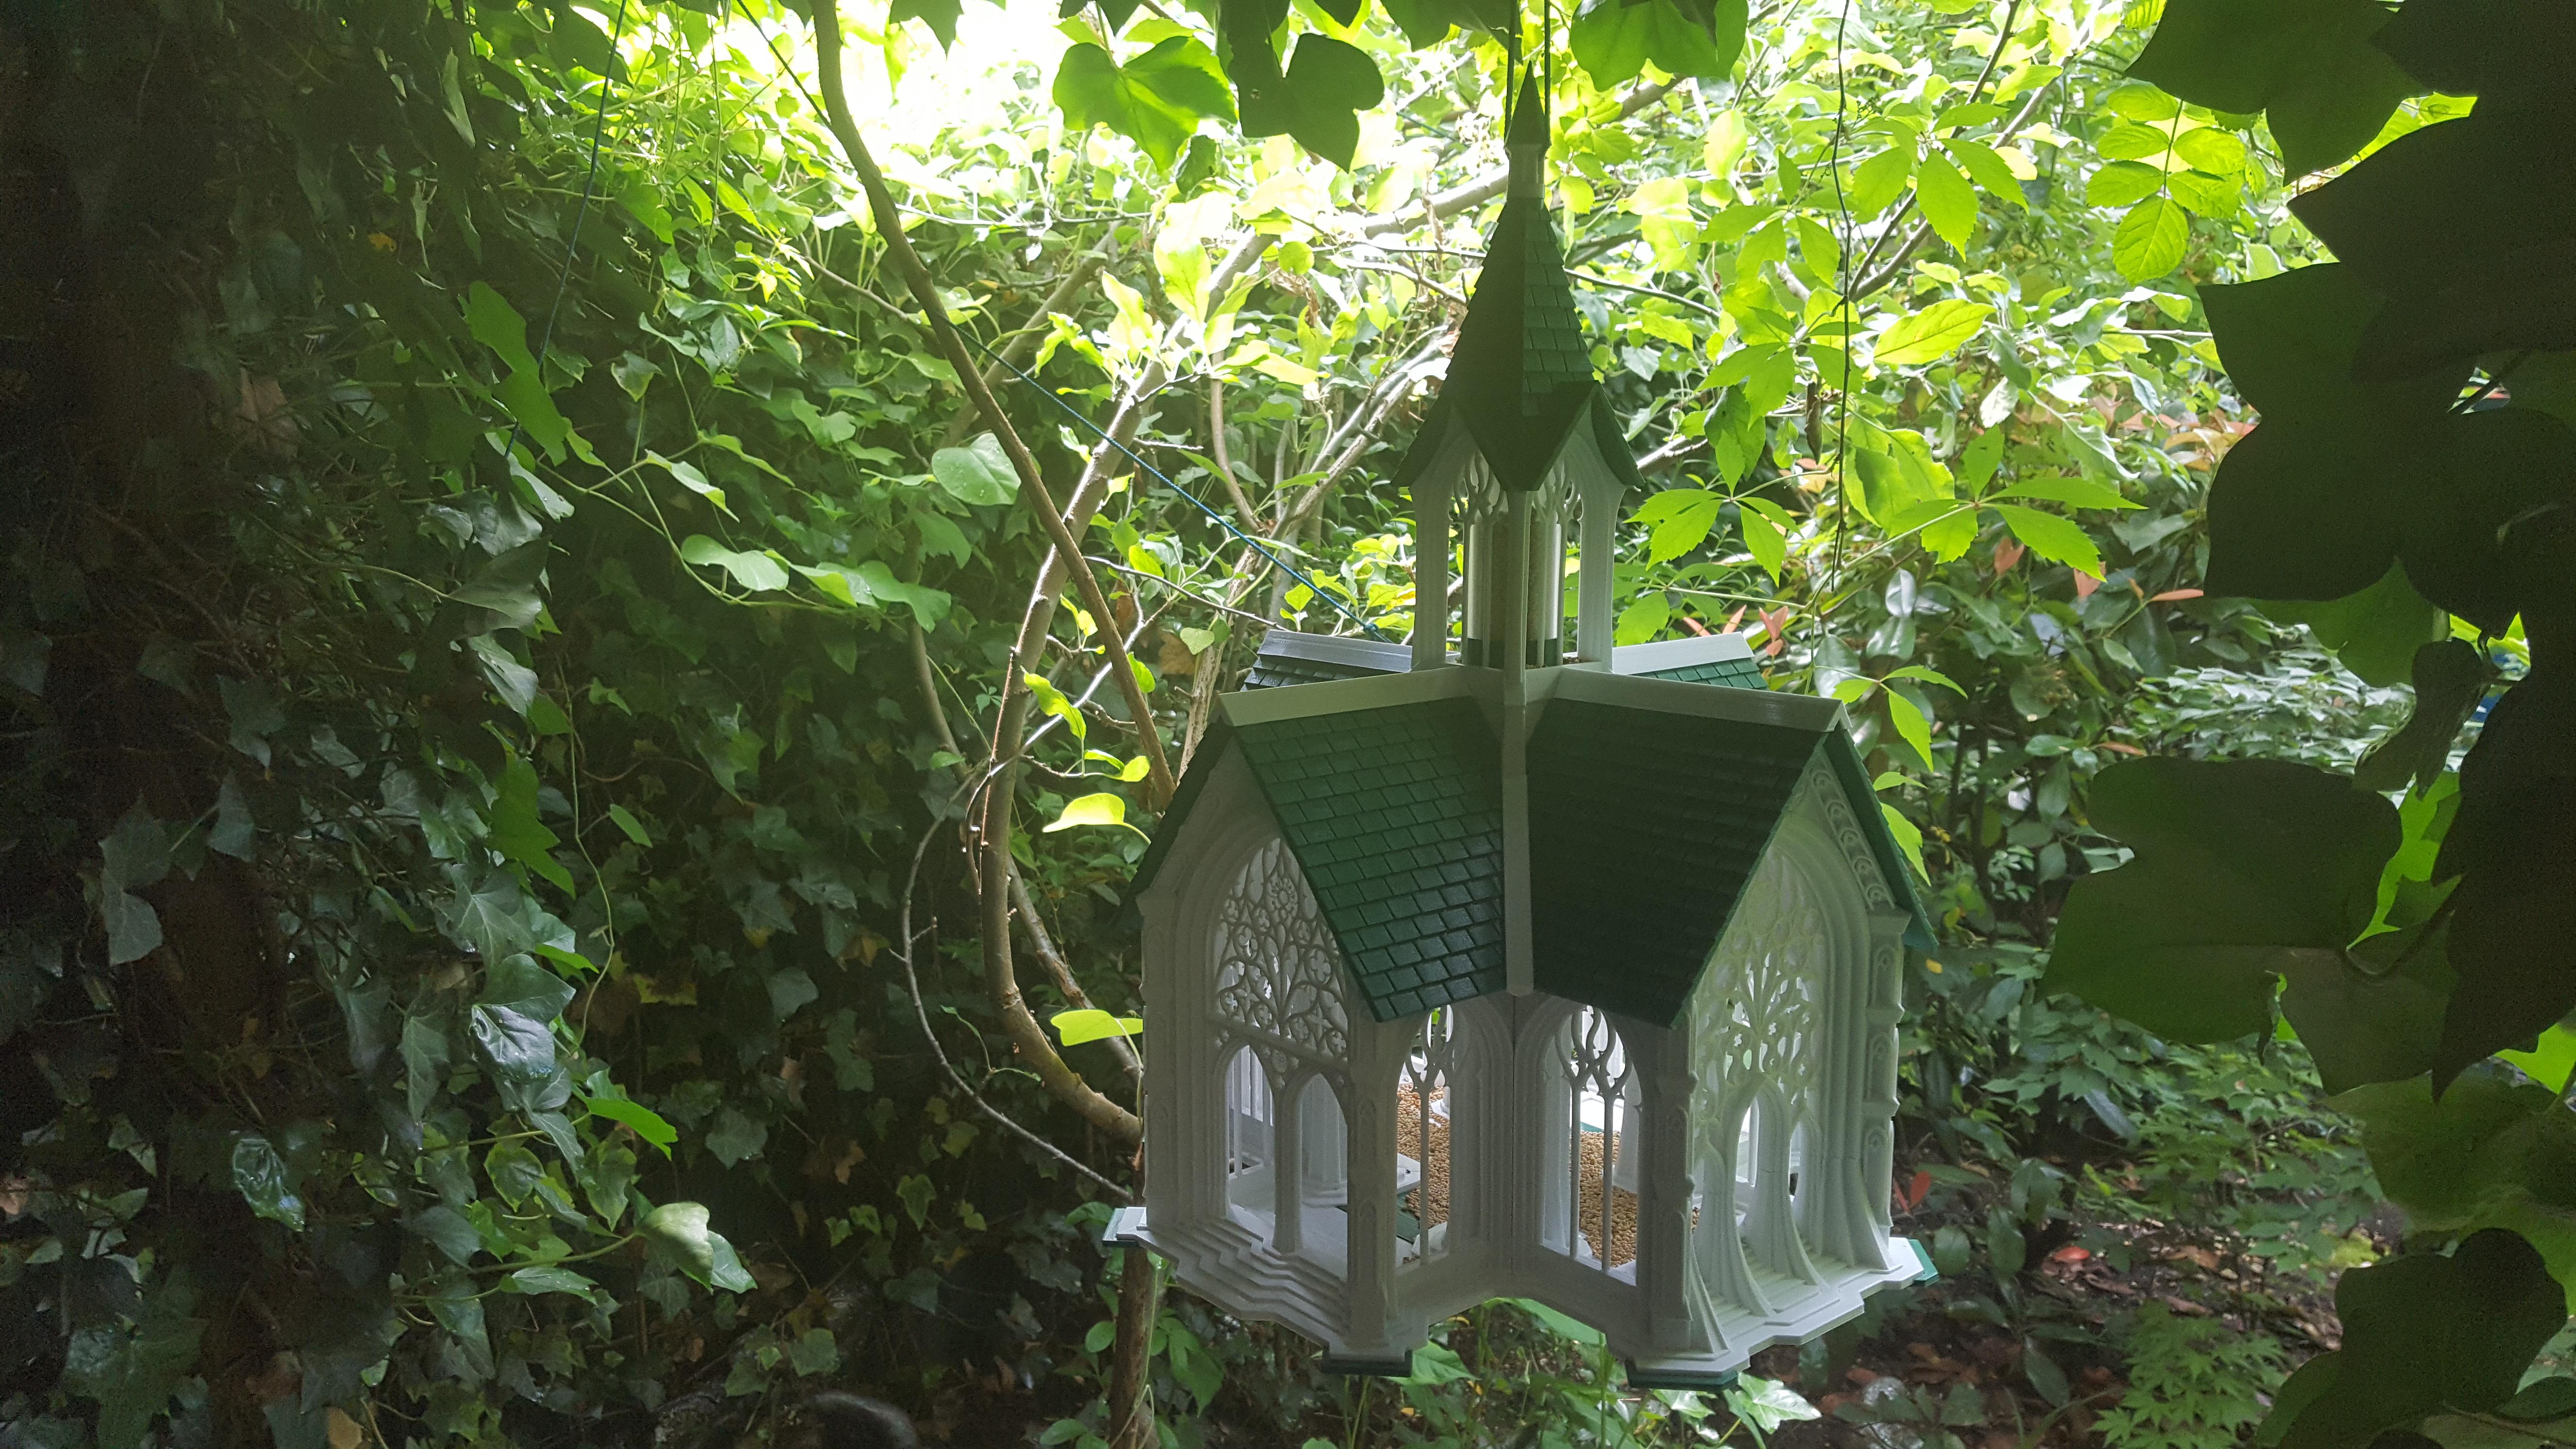 20190614_143831.jpg Télécharger fichier STL Cathédrale des oiseaux • Objet imprimable en 3D, Job